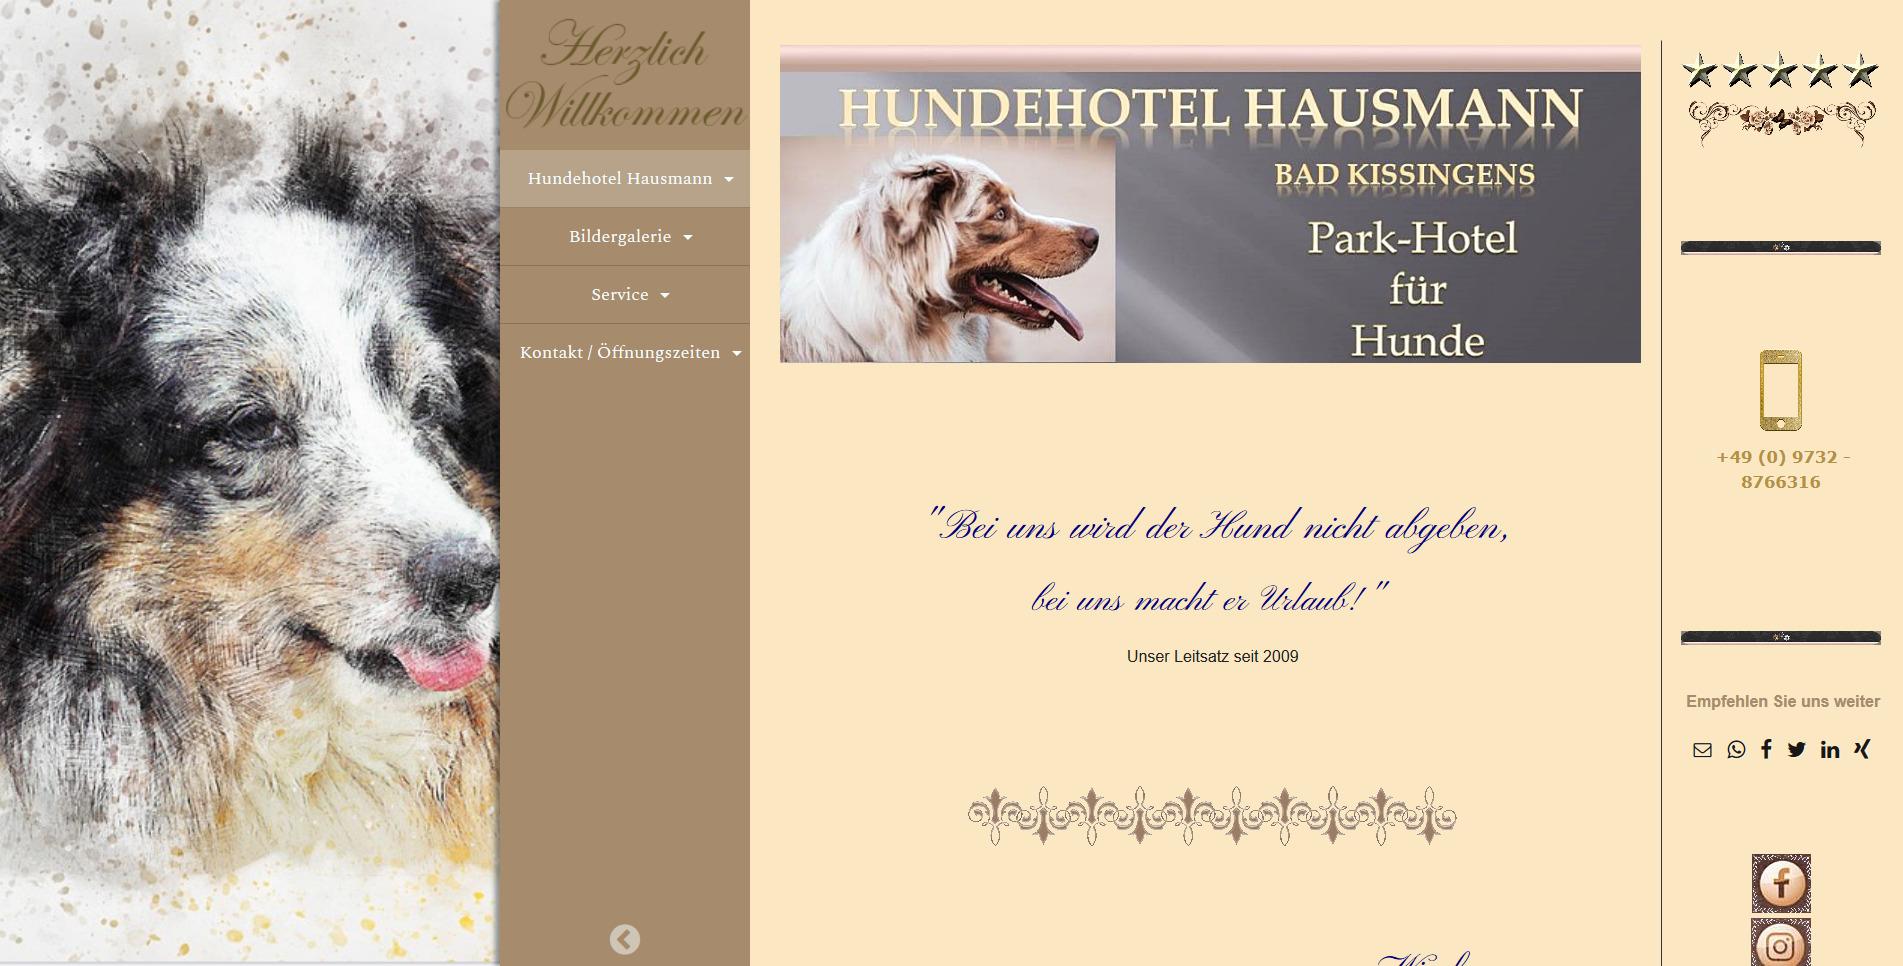 Hundehotel Hausmann